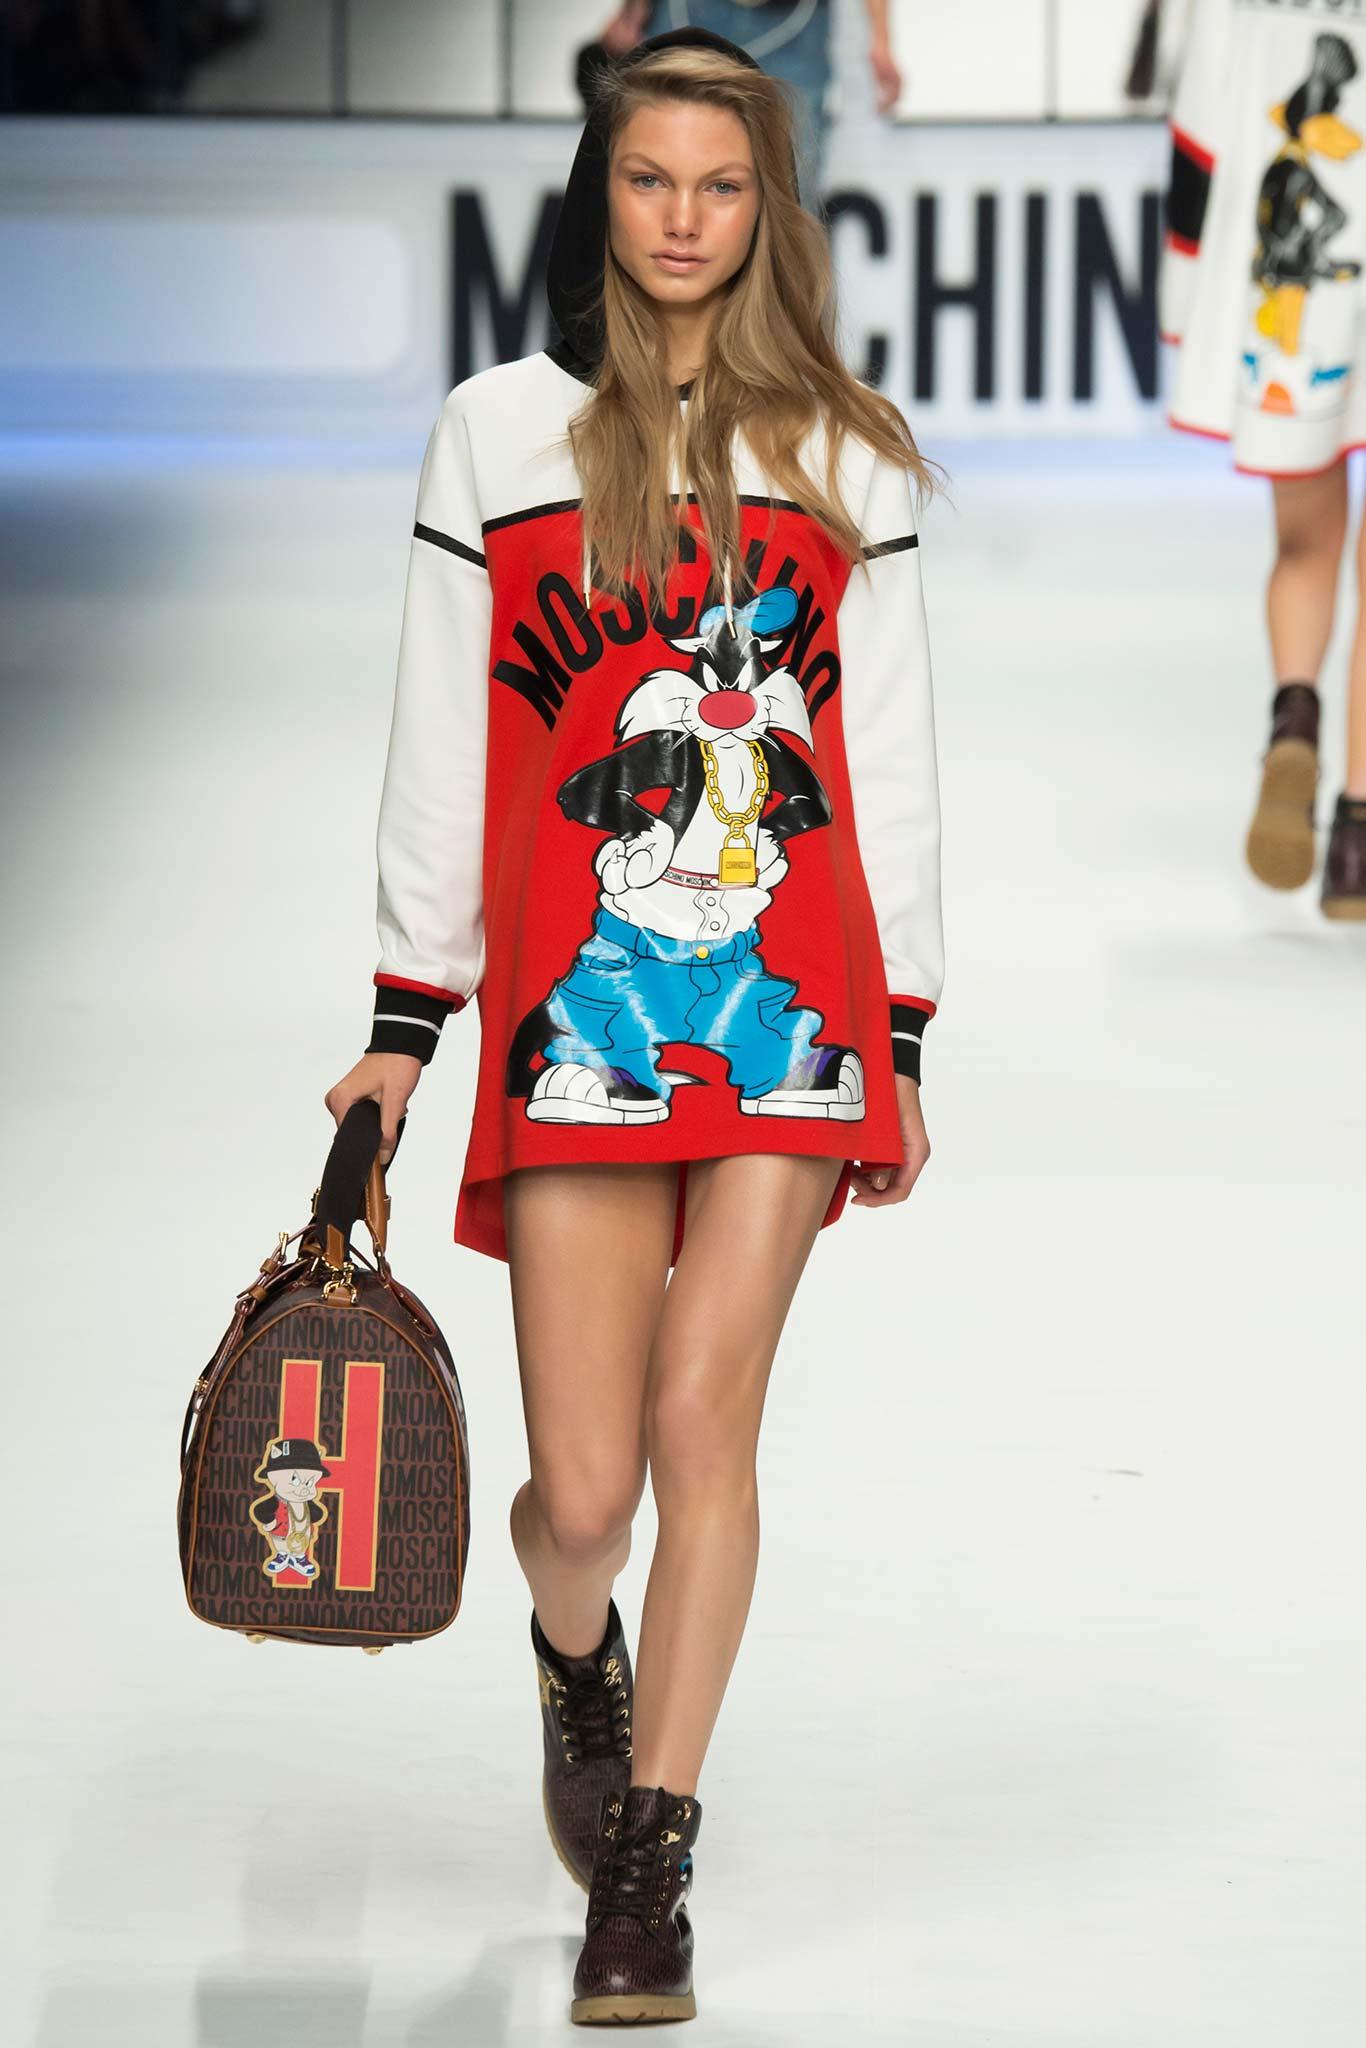 Moschino Fall Winter 2014 15 Women S Collection: Milan Fashion Week Fall 2015 RTW: Moschino